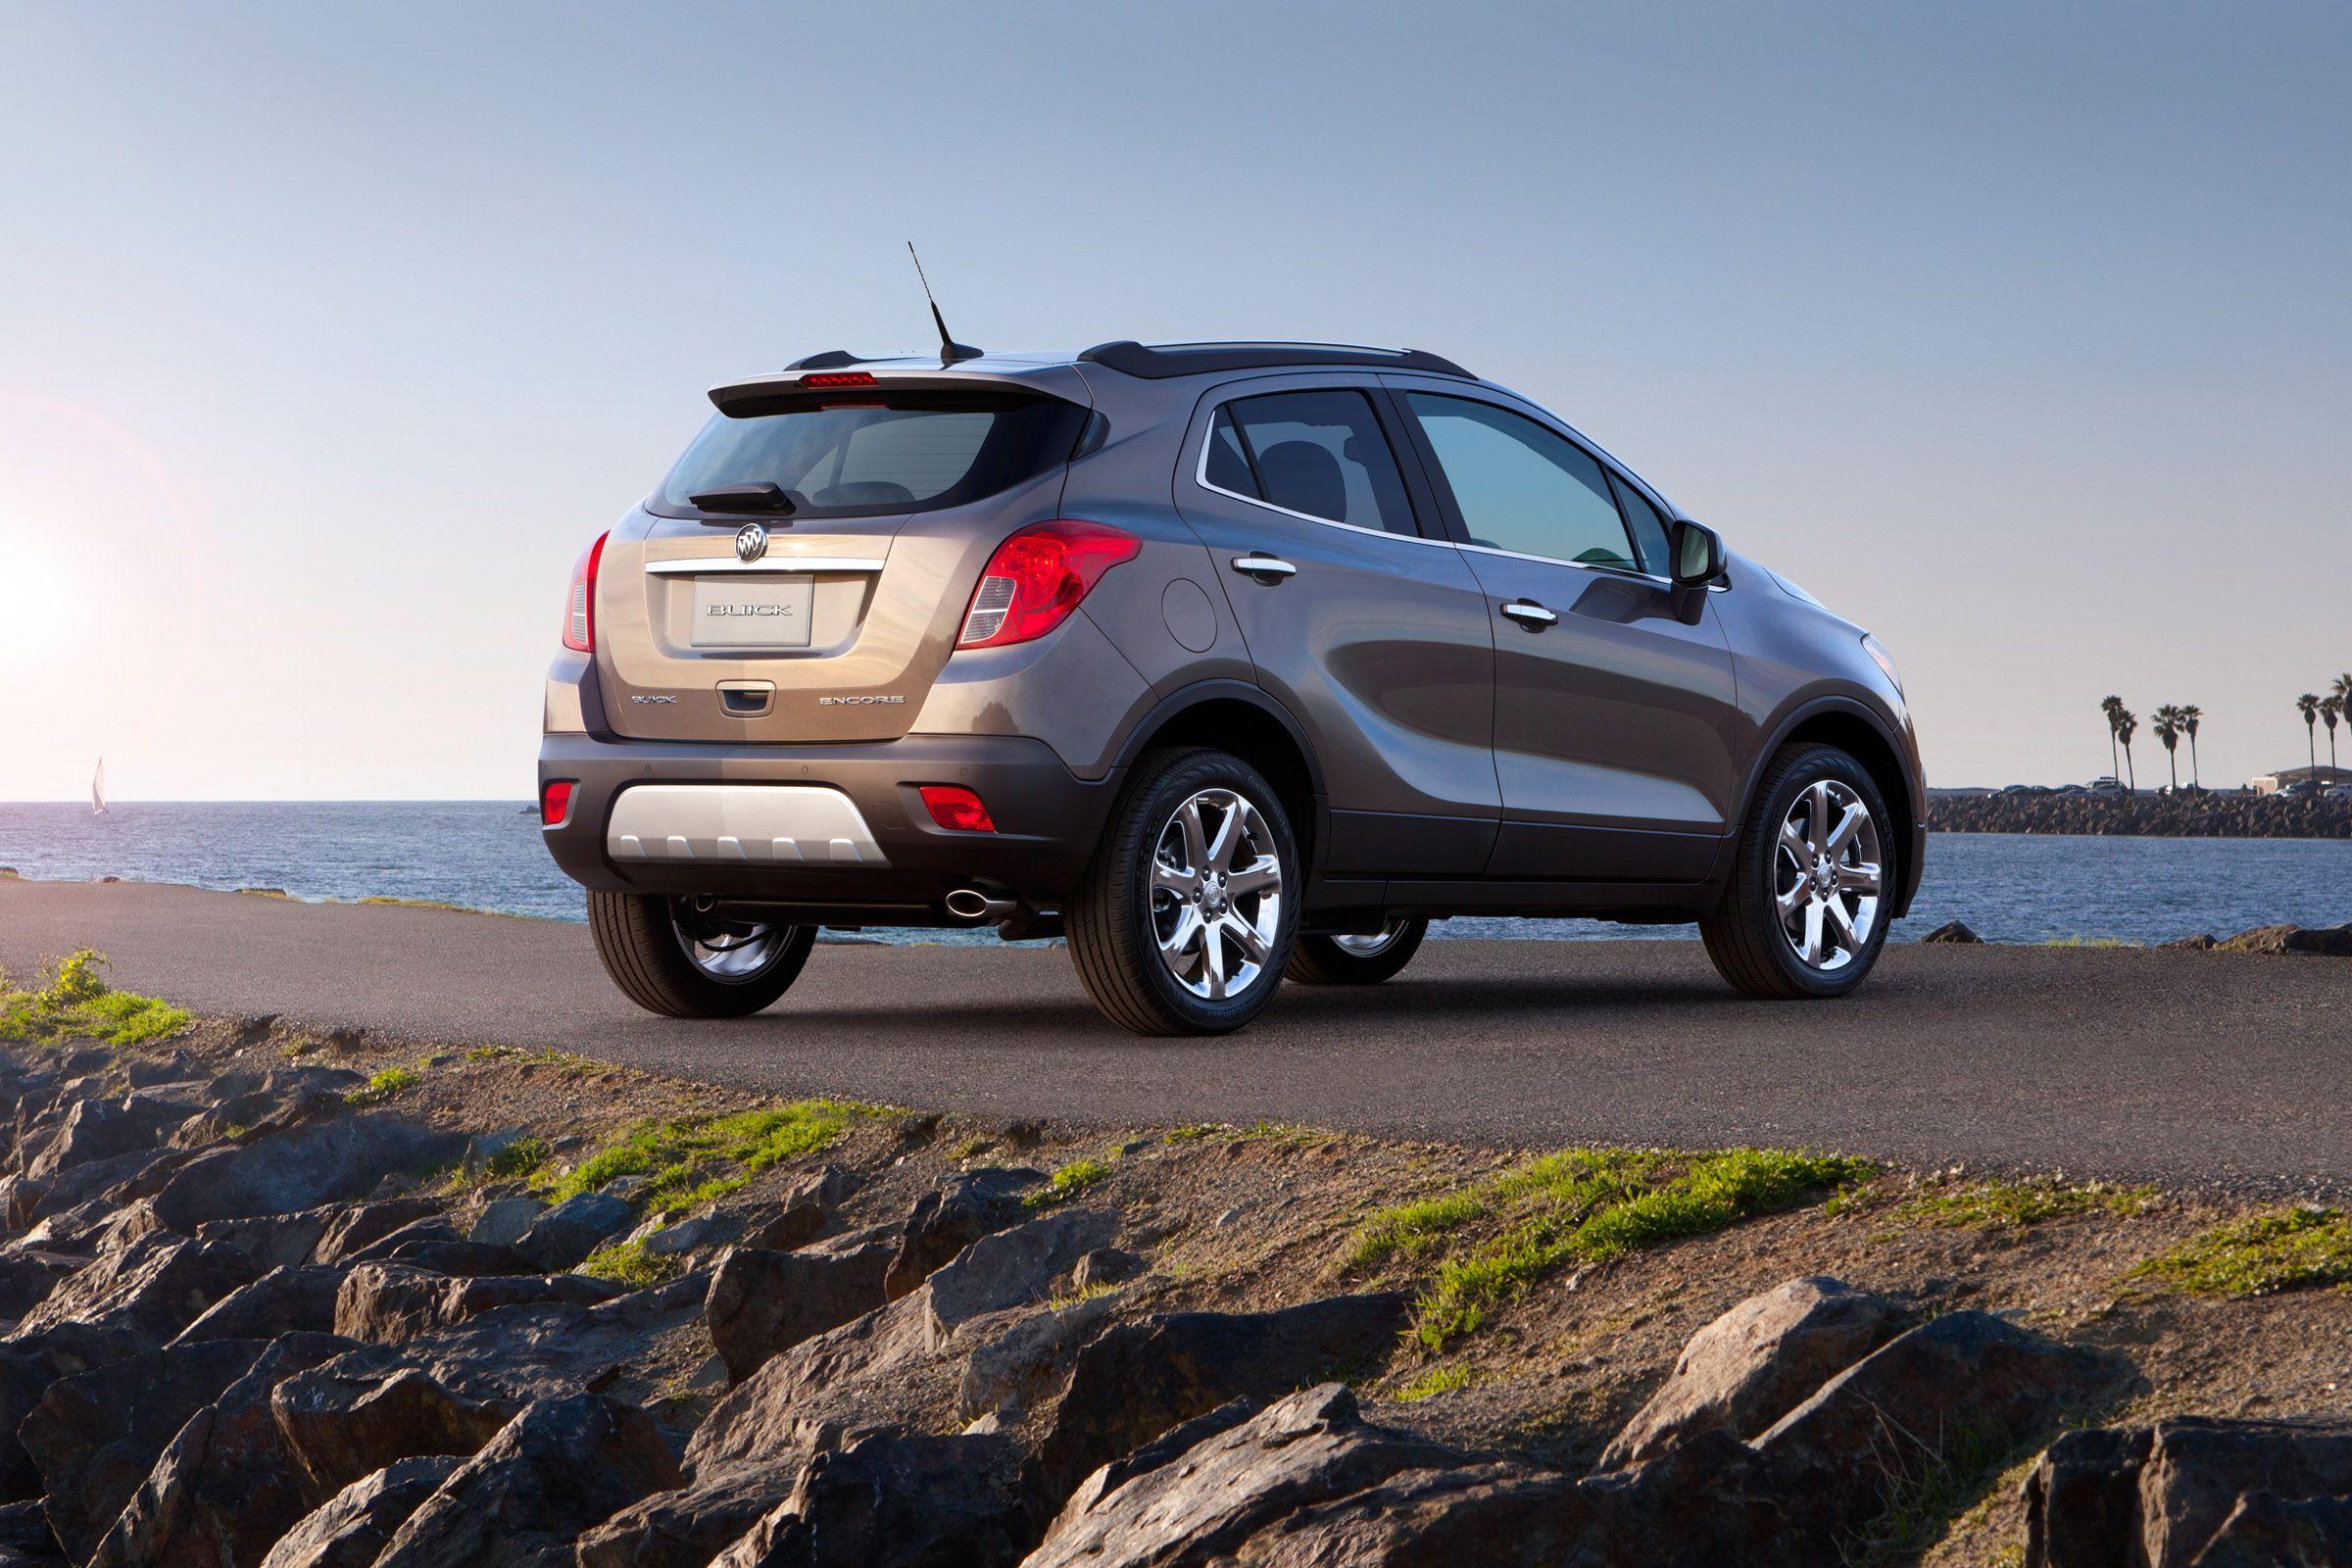 2013 Buick Encore Rear Top 10 Best Gas Mileage Suvs 2014 Buick Encore Buick Envision Buick